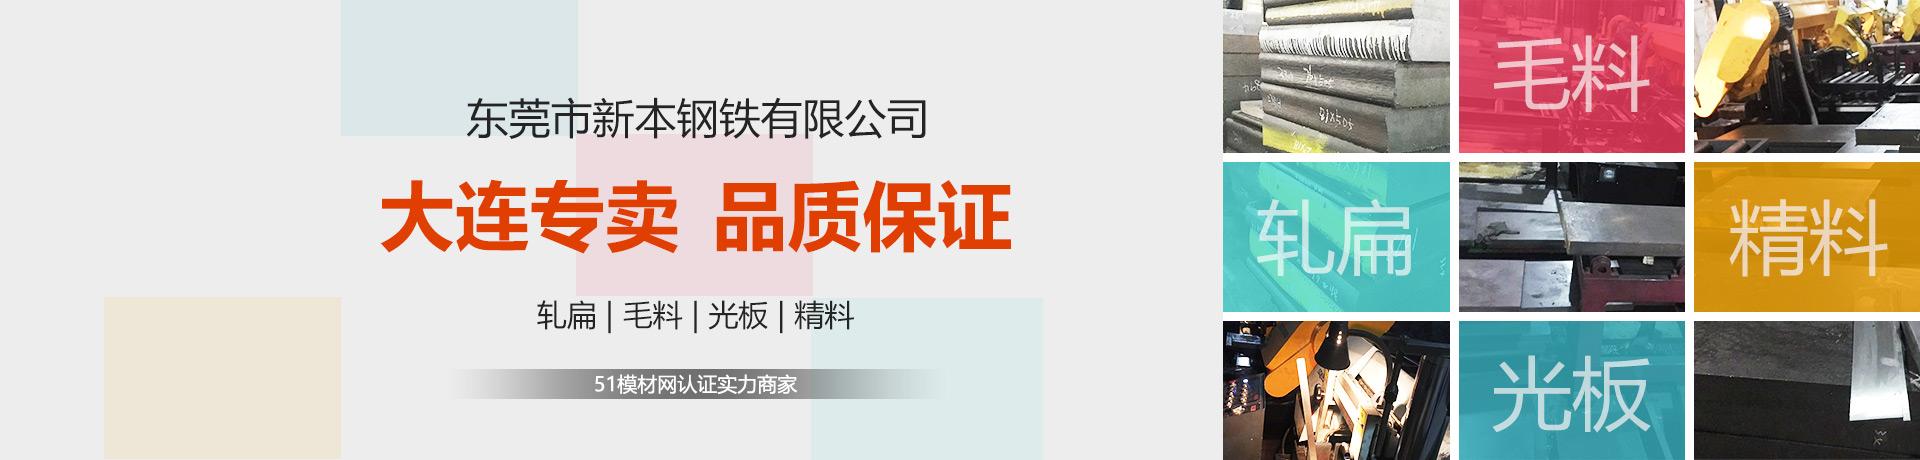 东莞市新本钢铁有限公司